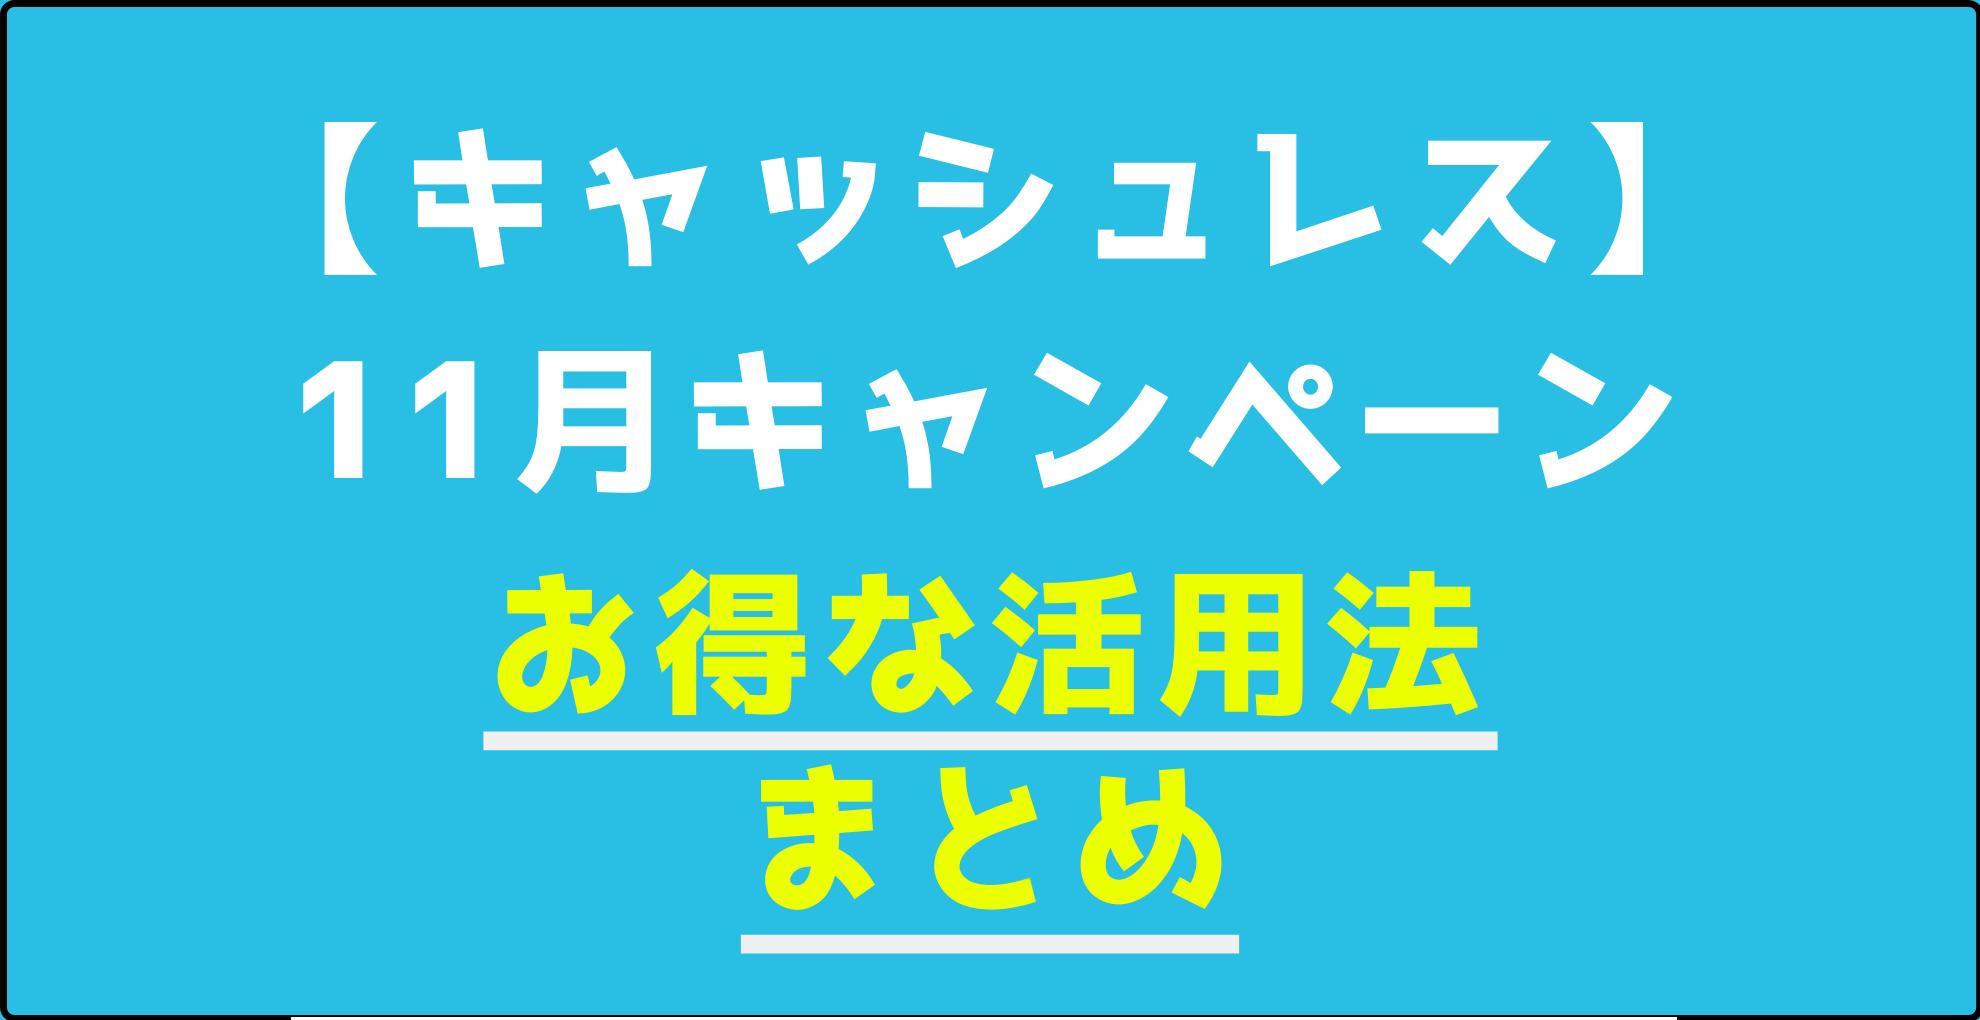 キャッシュレス決済 11月キャンペーン お得な活用法 まとめ